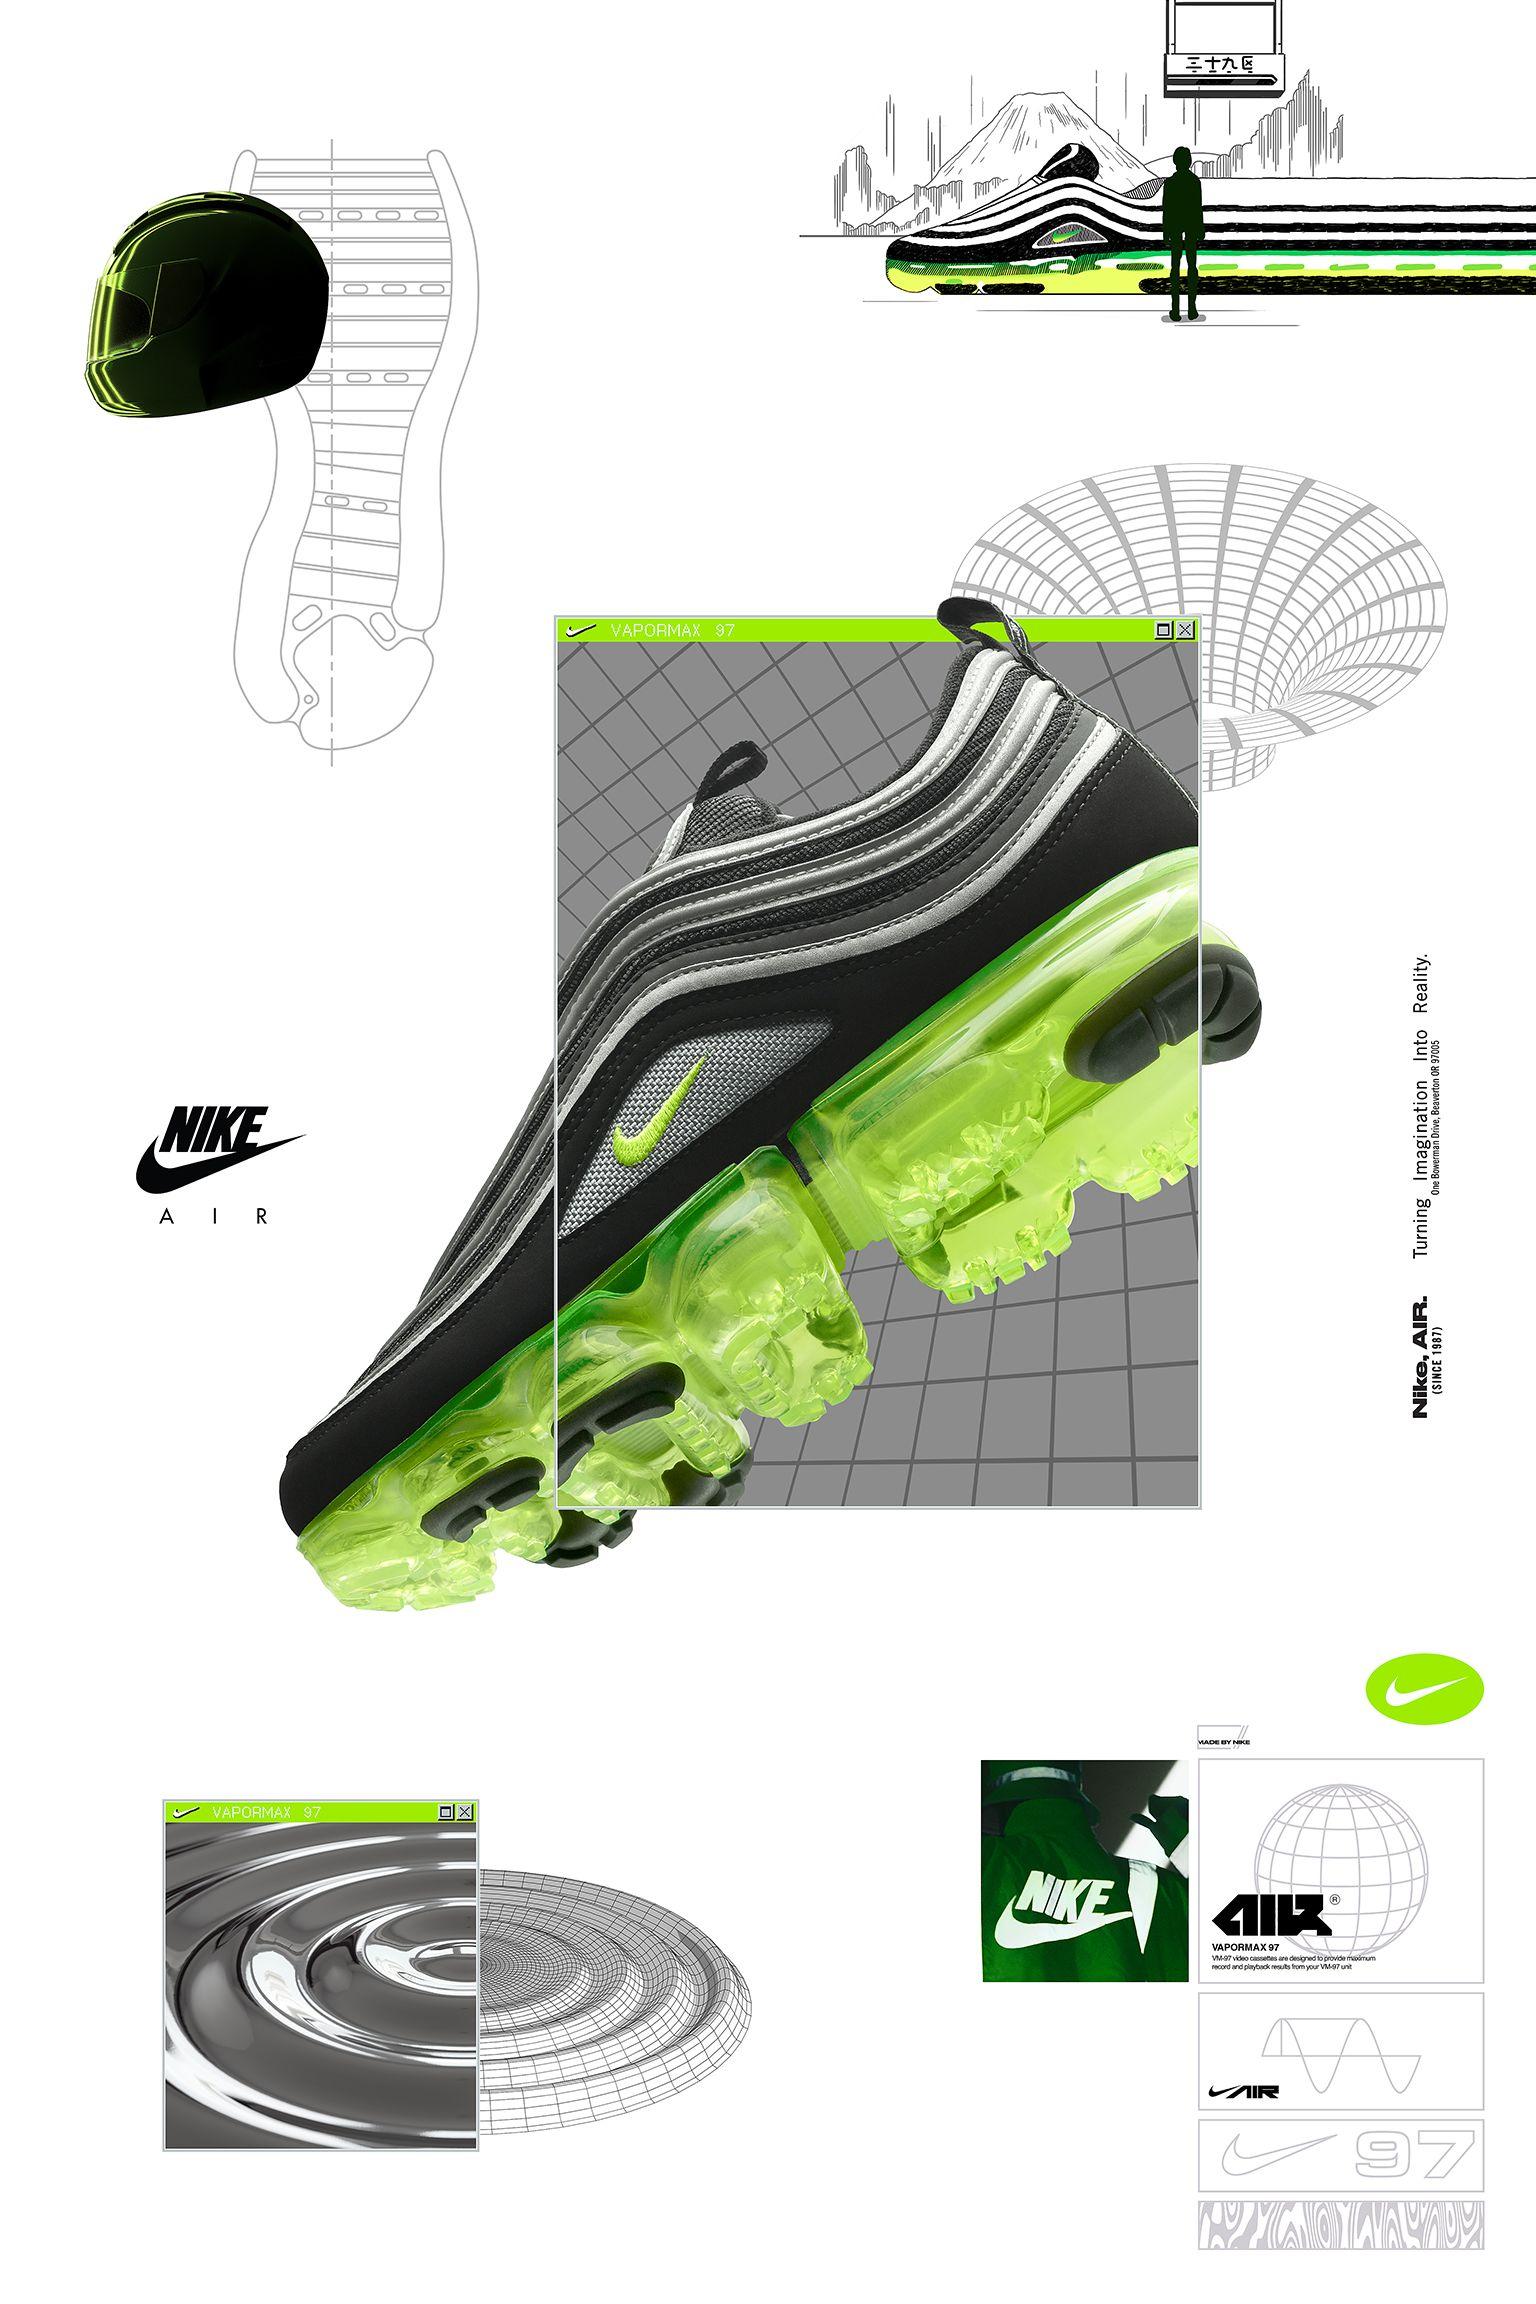 new product 6d9dc 7bb59 Date de sortie de la Nike Air Vapormax 97 « Black & Volt ...